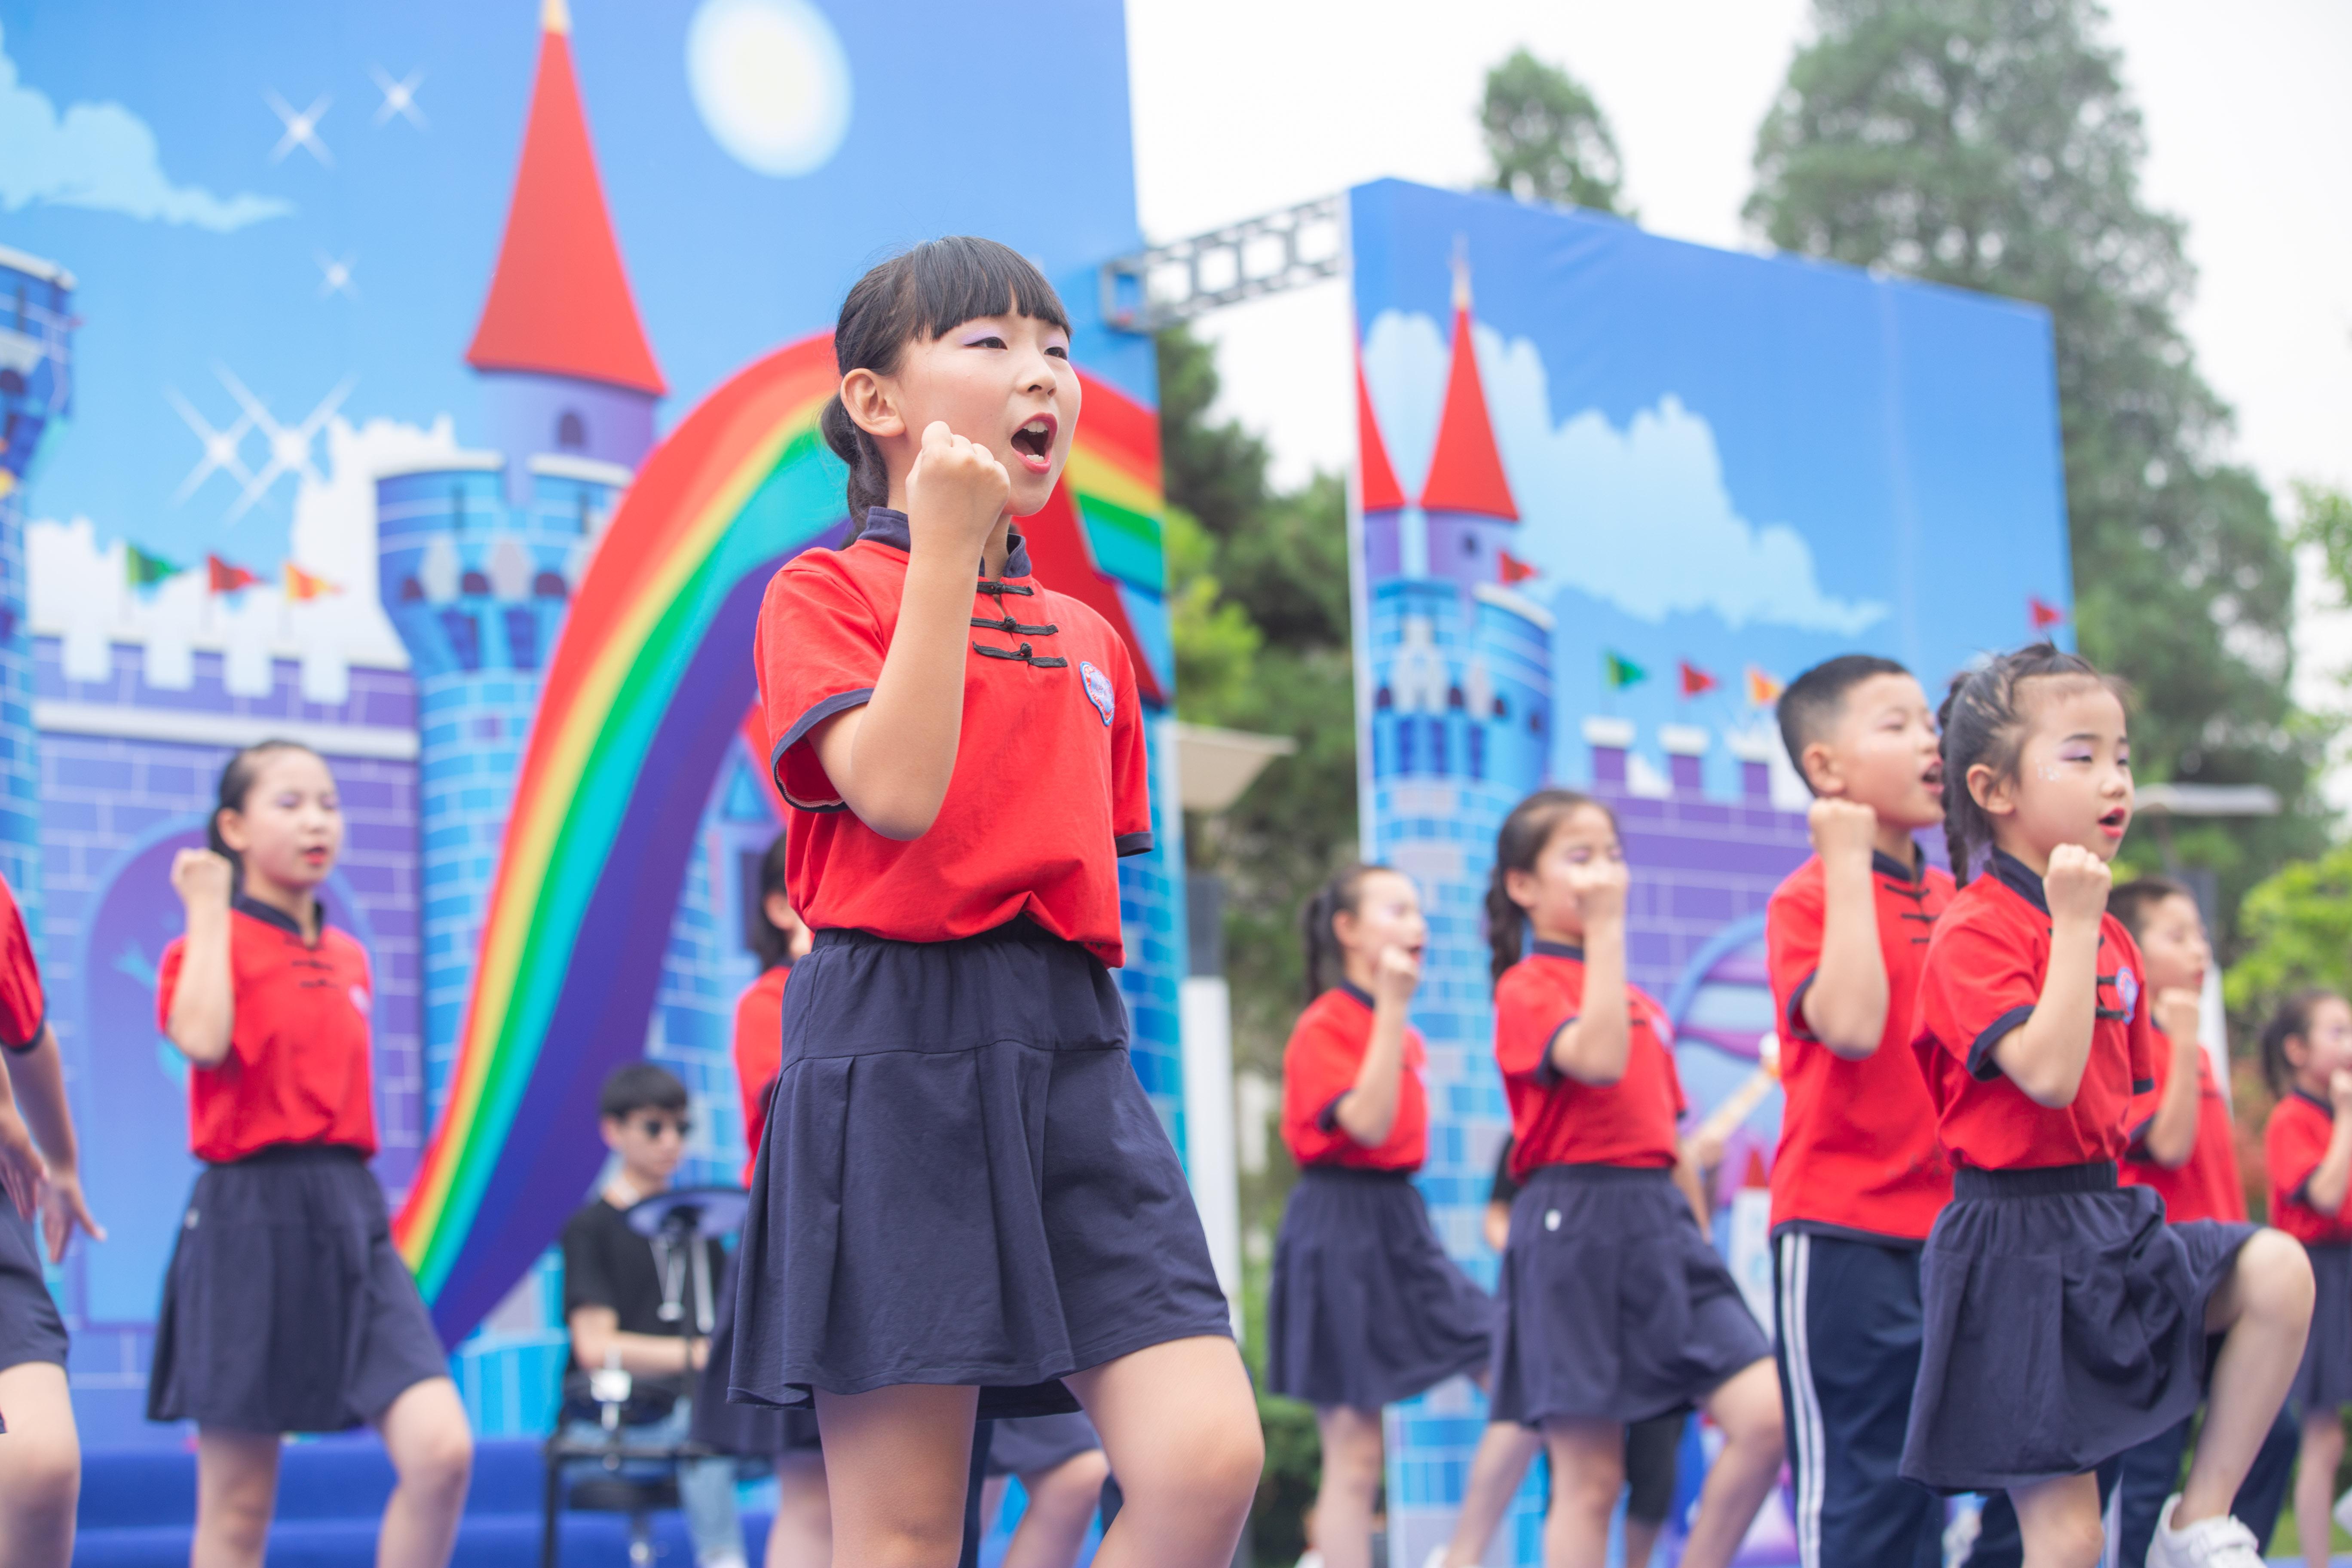 中国儿童中心_中国儿童中心 图片新闻 中国儿童中心,六一欢乐进行时!